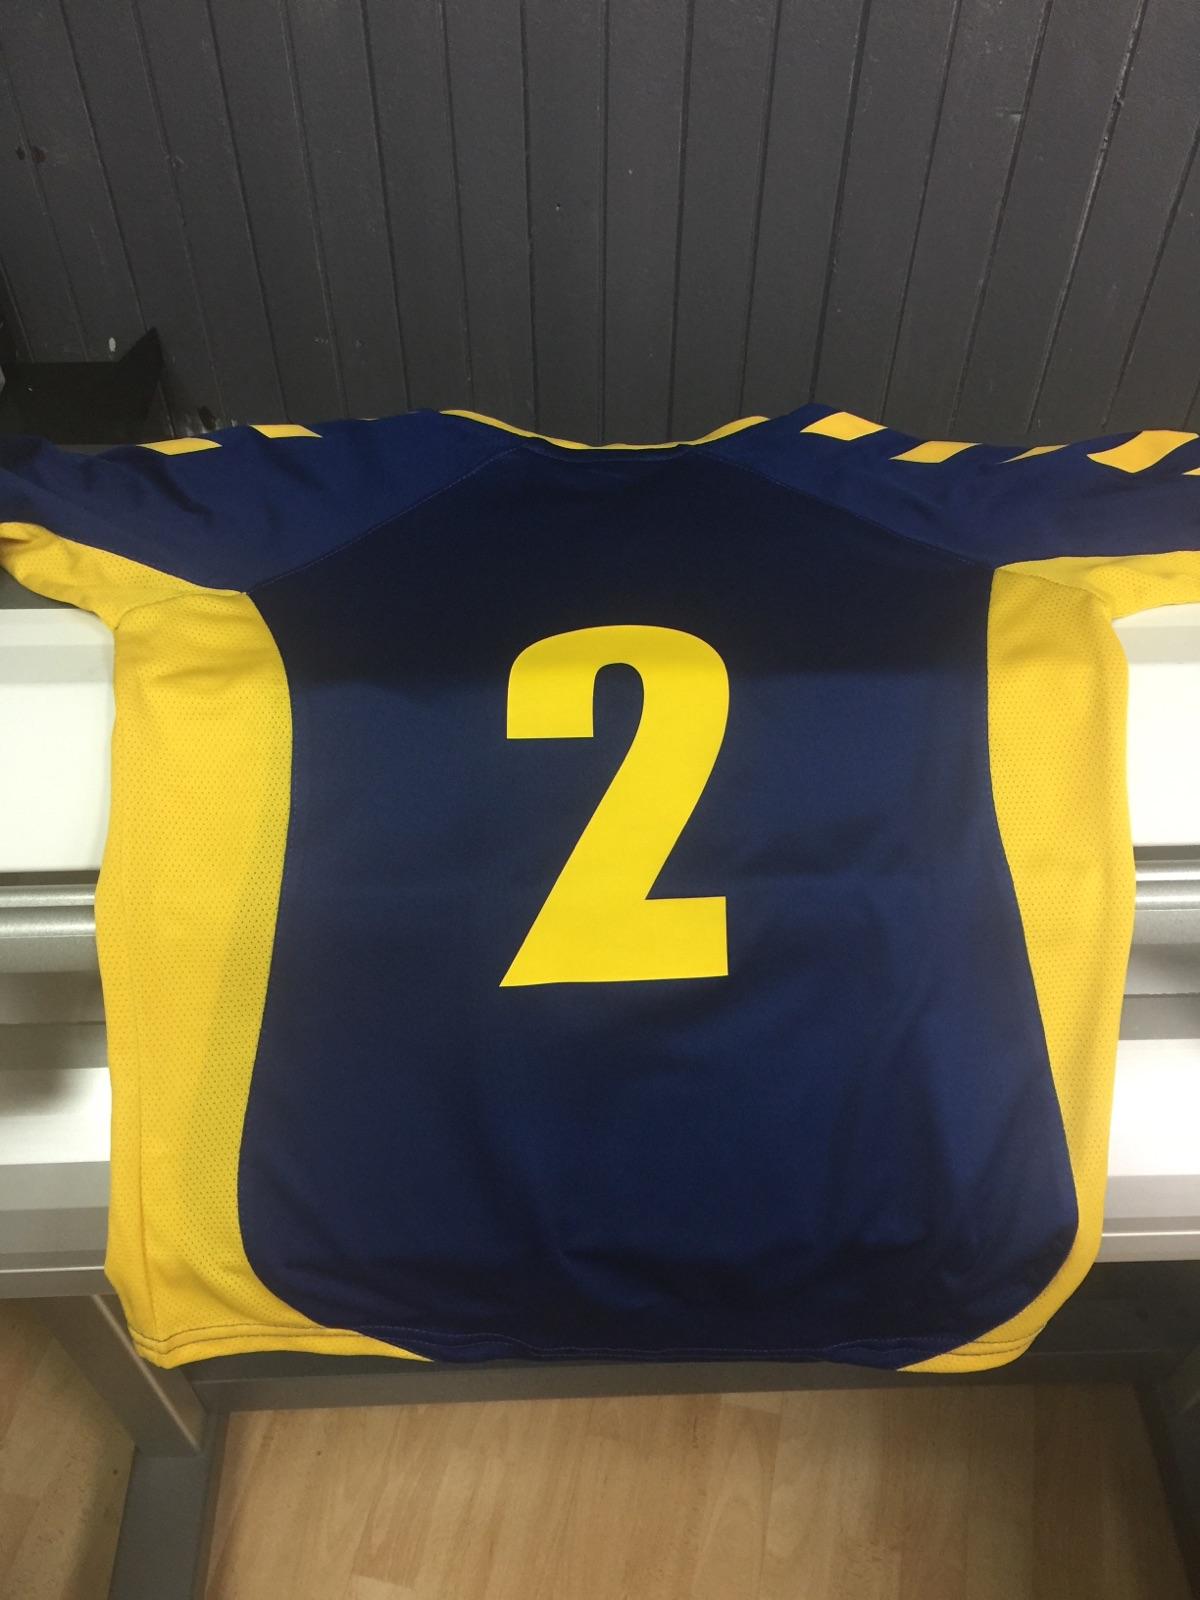 Nouveau sponsor U7 (numéro)